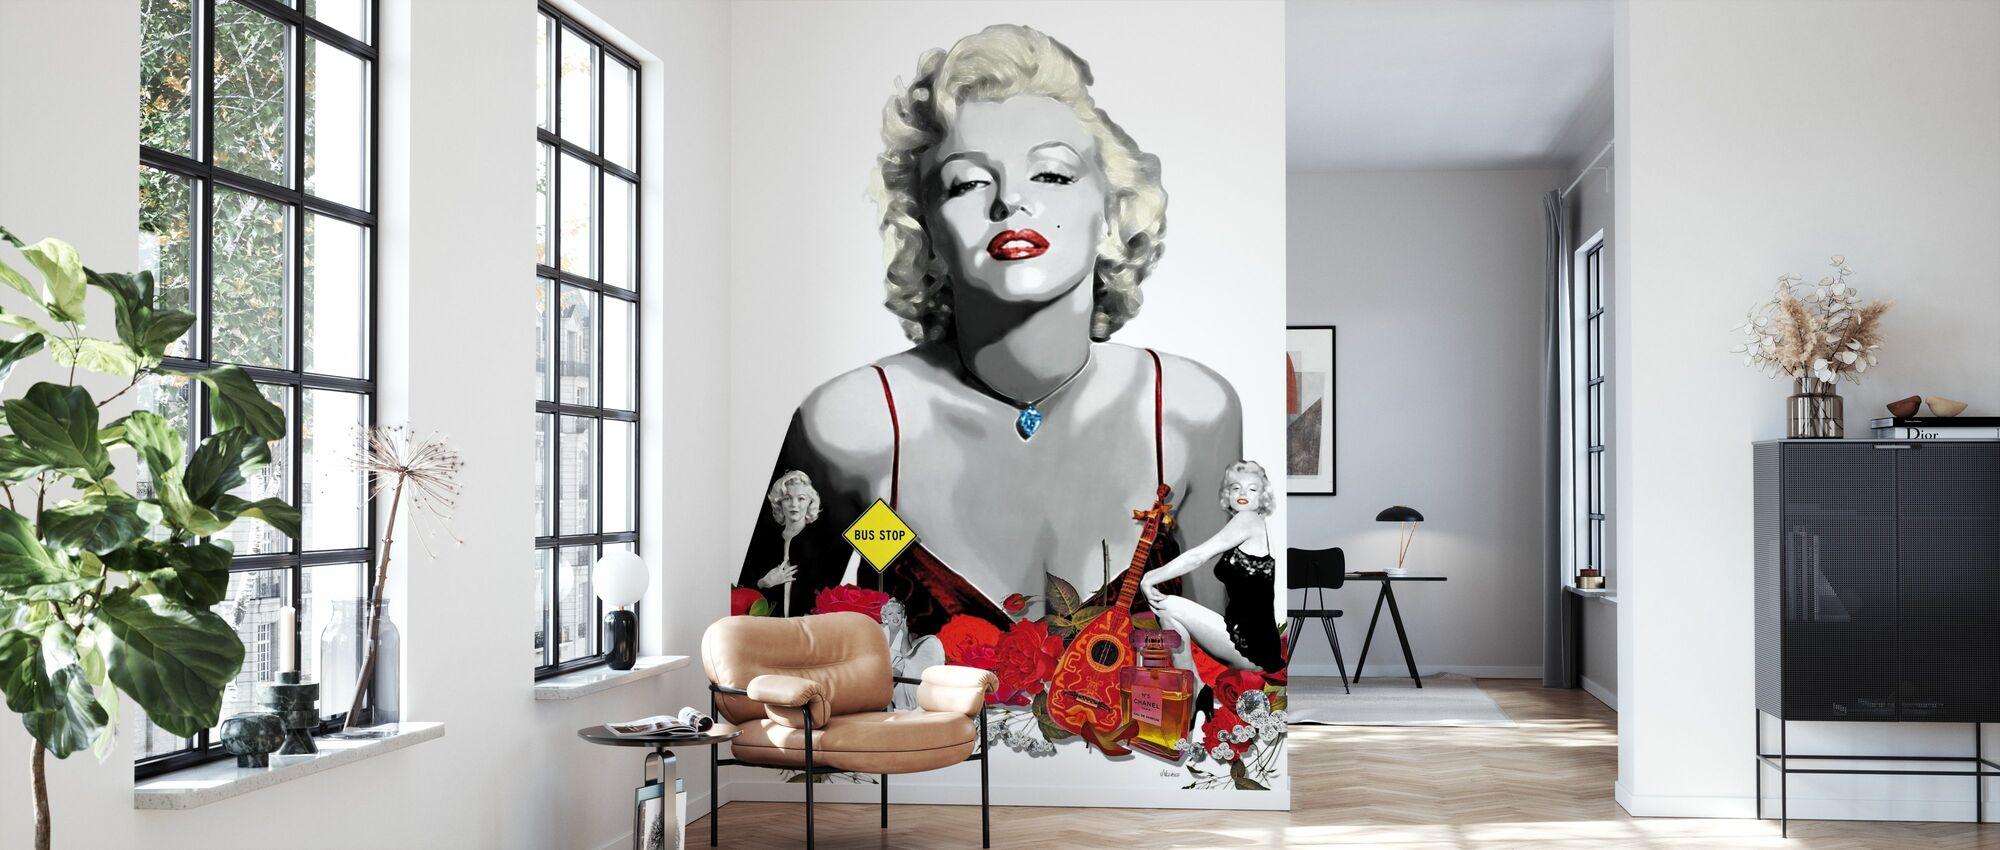 Monroe - Weiß - Tapete - Wohnzimmer